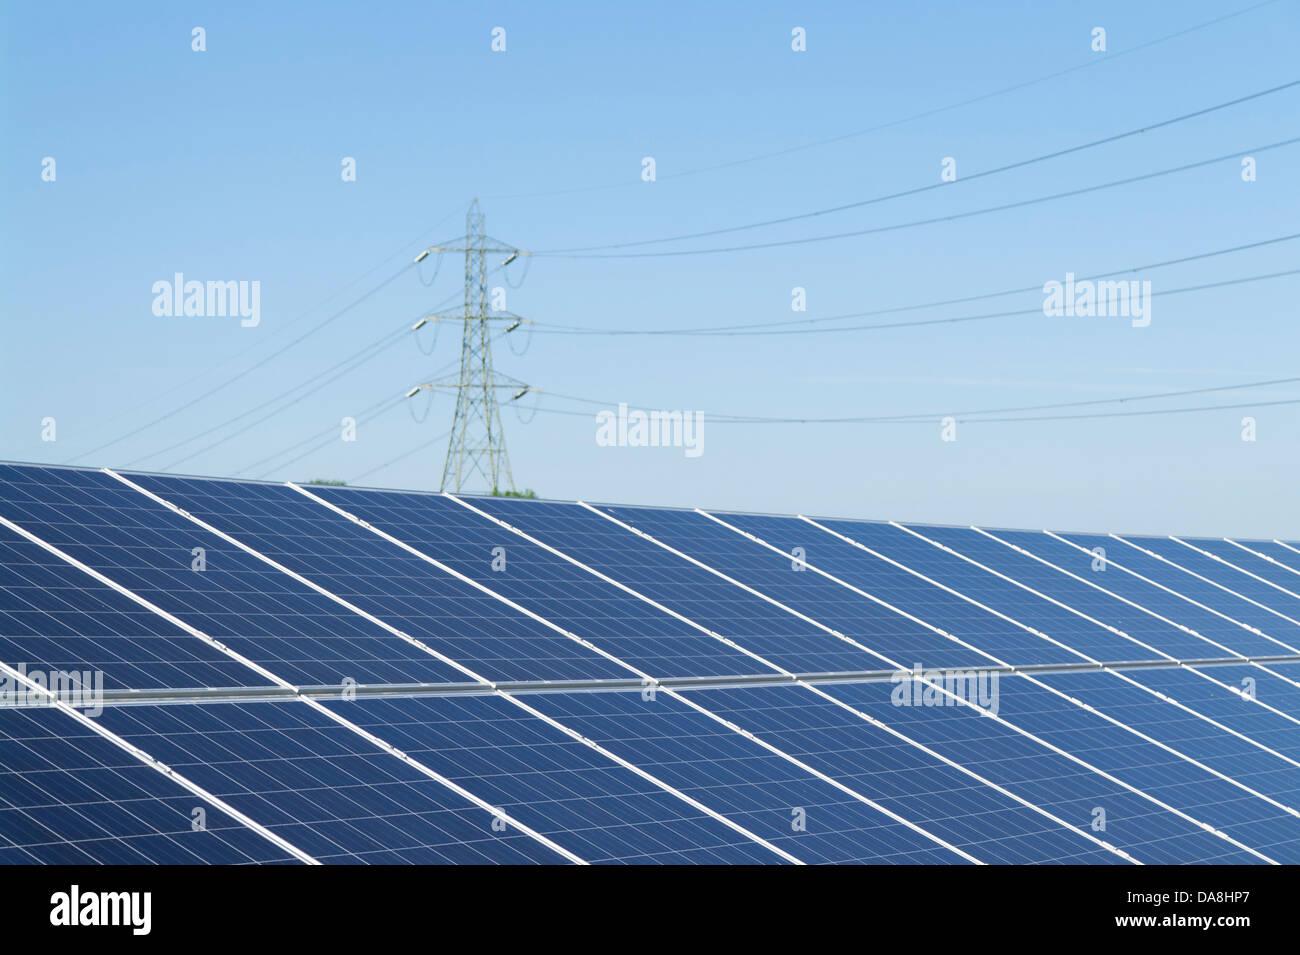 Granja Solar generando energía renovable Imagen De Stock